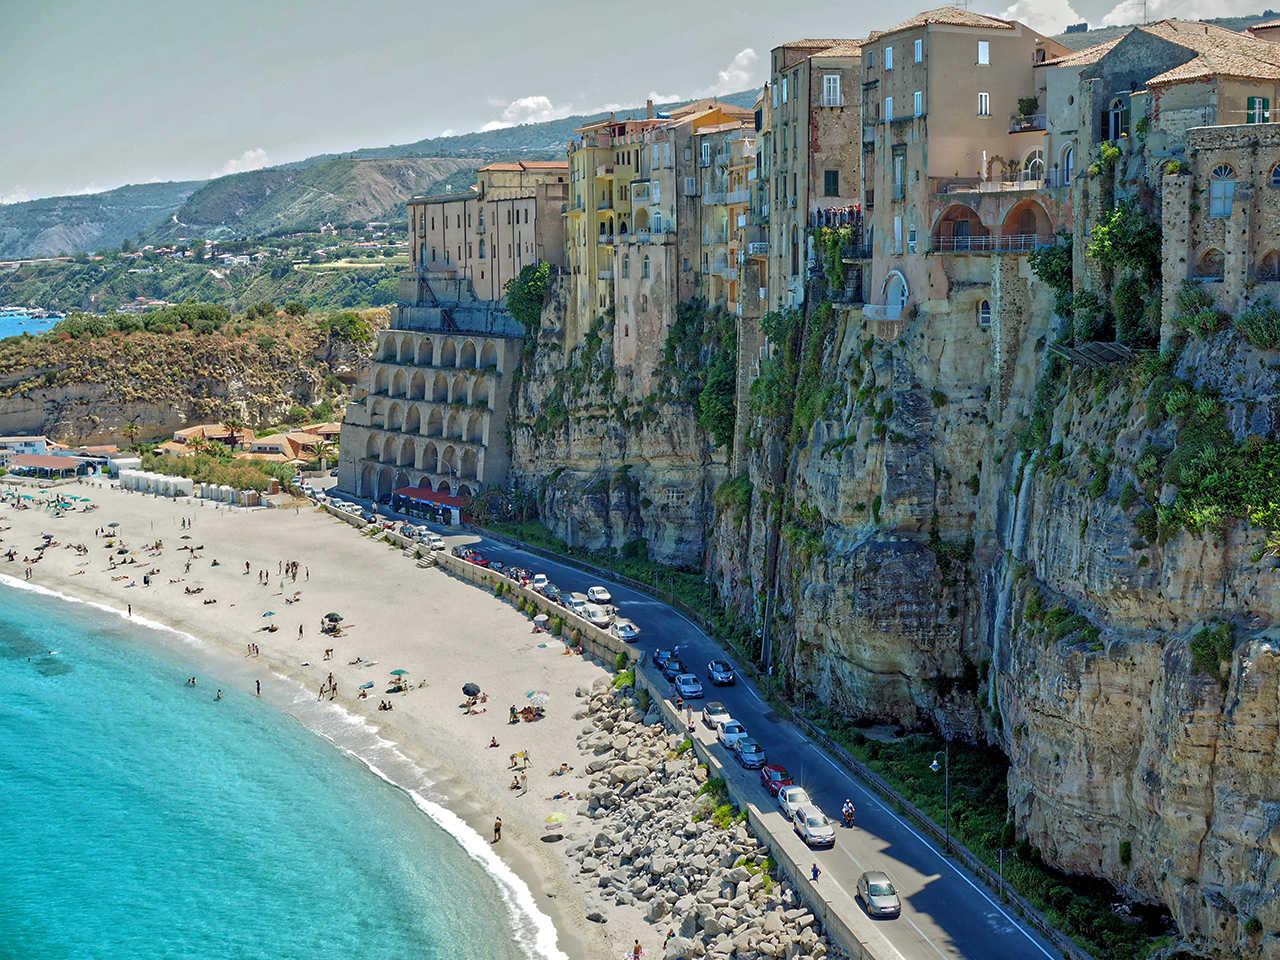 Когда лучше ехать в Италию на море